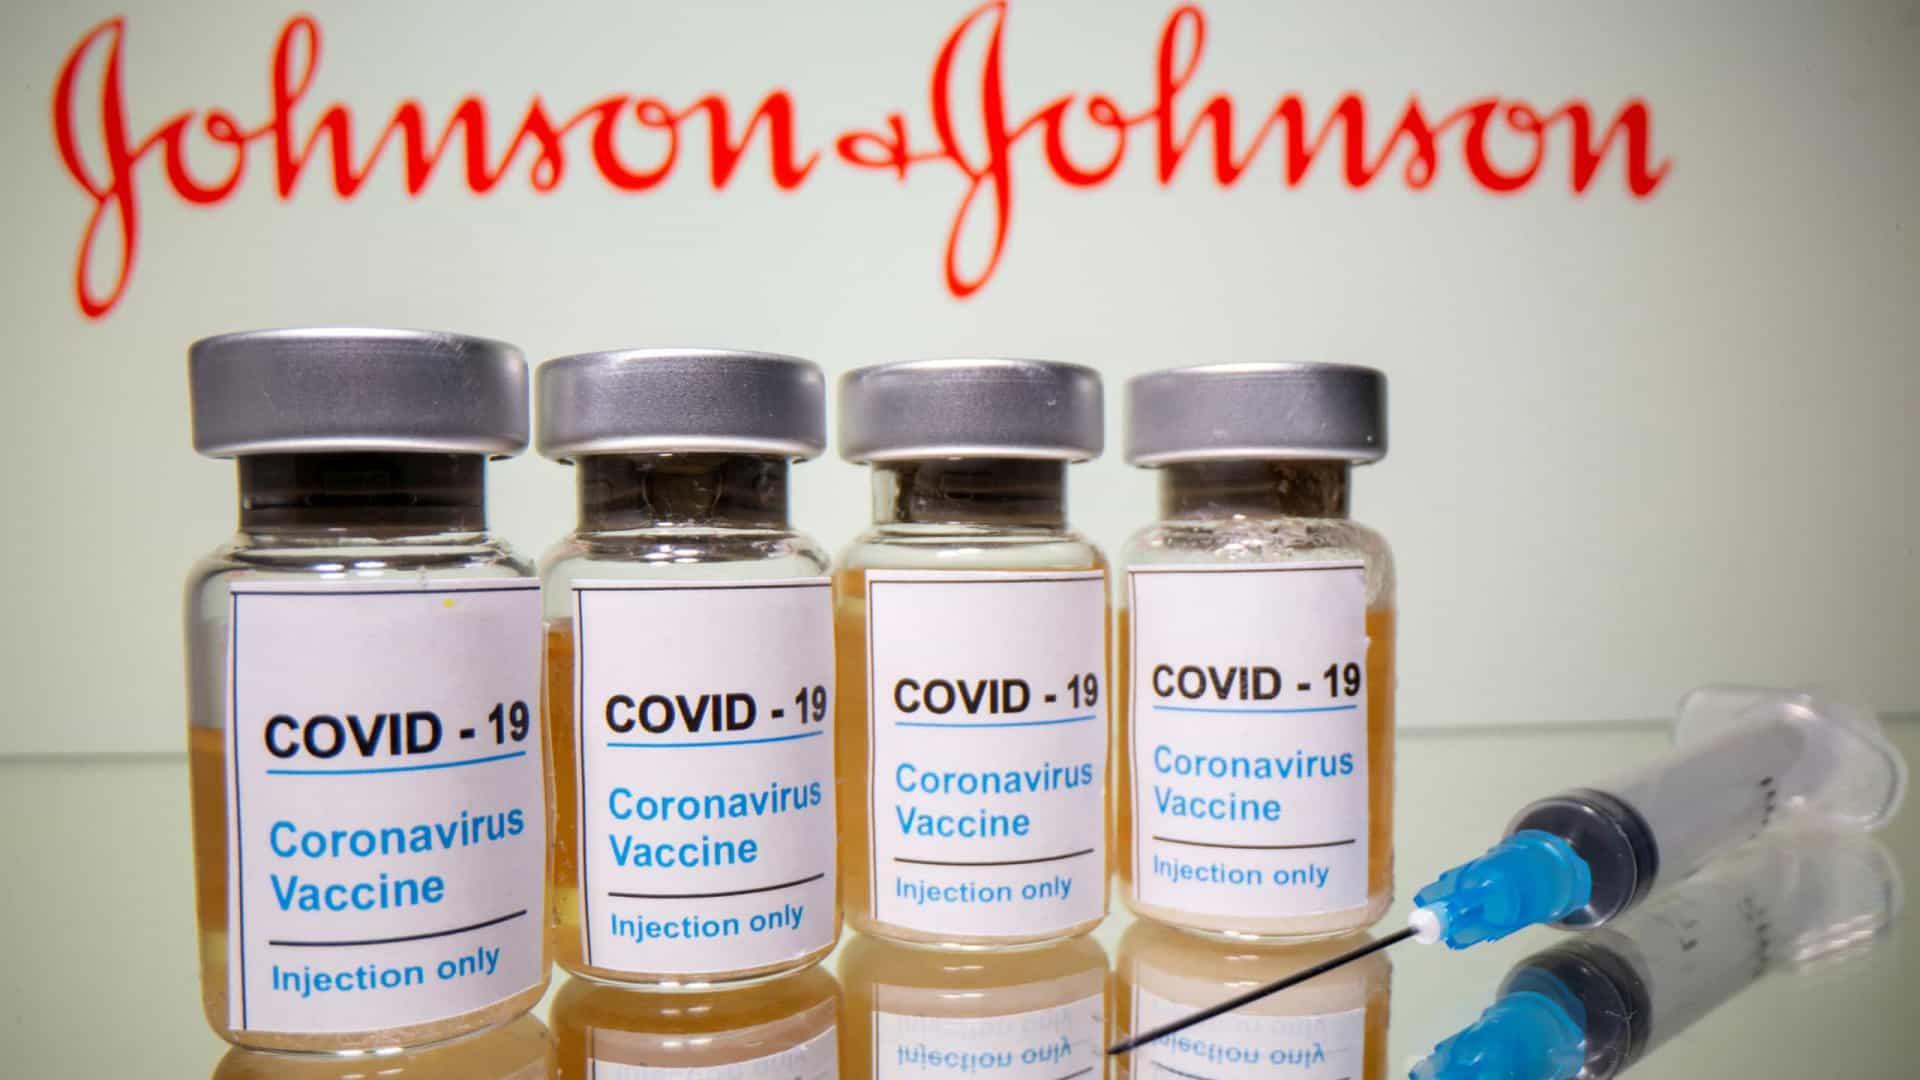 Saúde: Ministério assina contrato para 138 milhões de doses da vacina Janssen e Pfizer